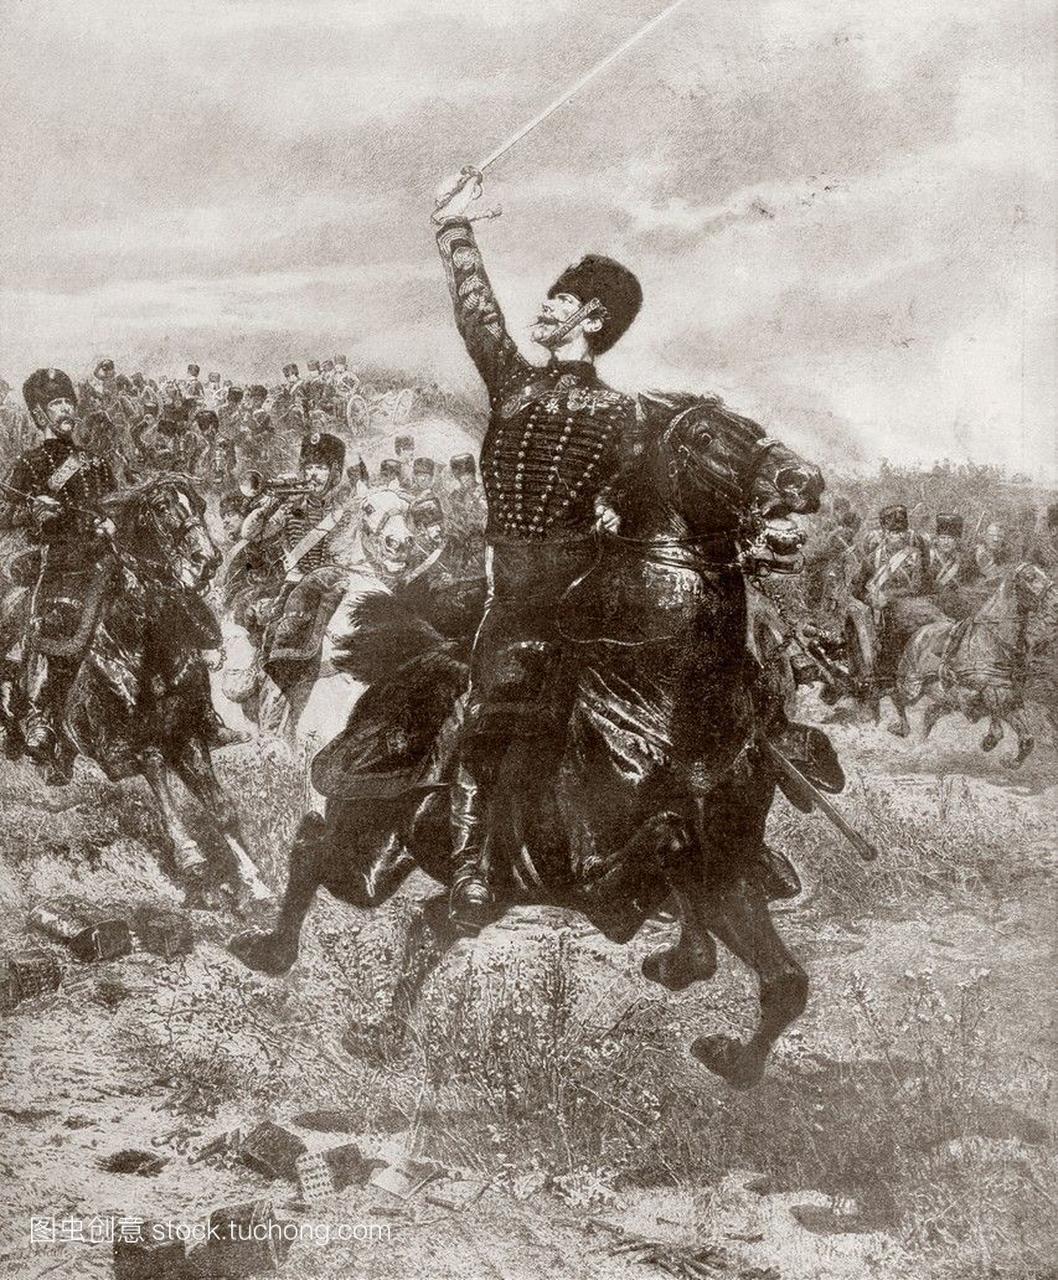 1870年法国和普鲁士战争期间,法国炮兵向敌人